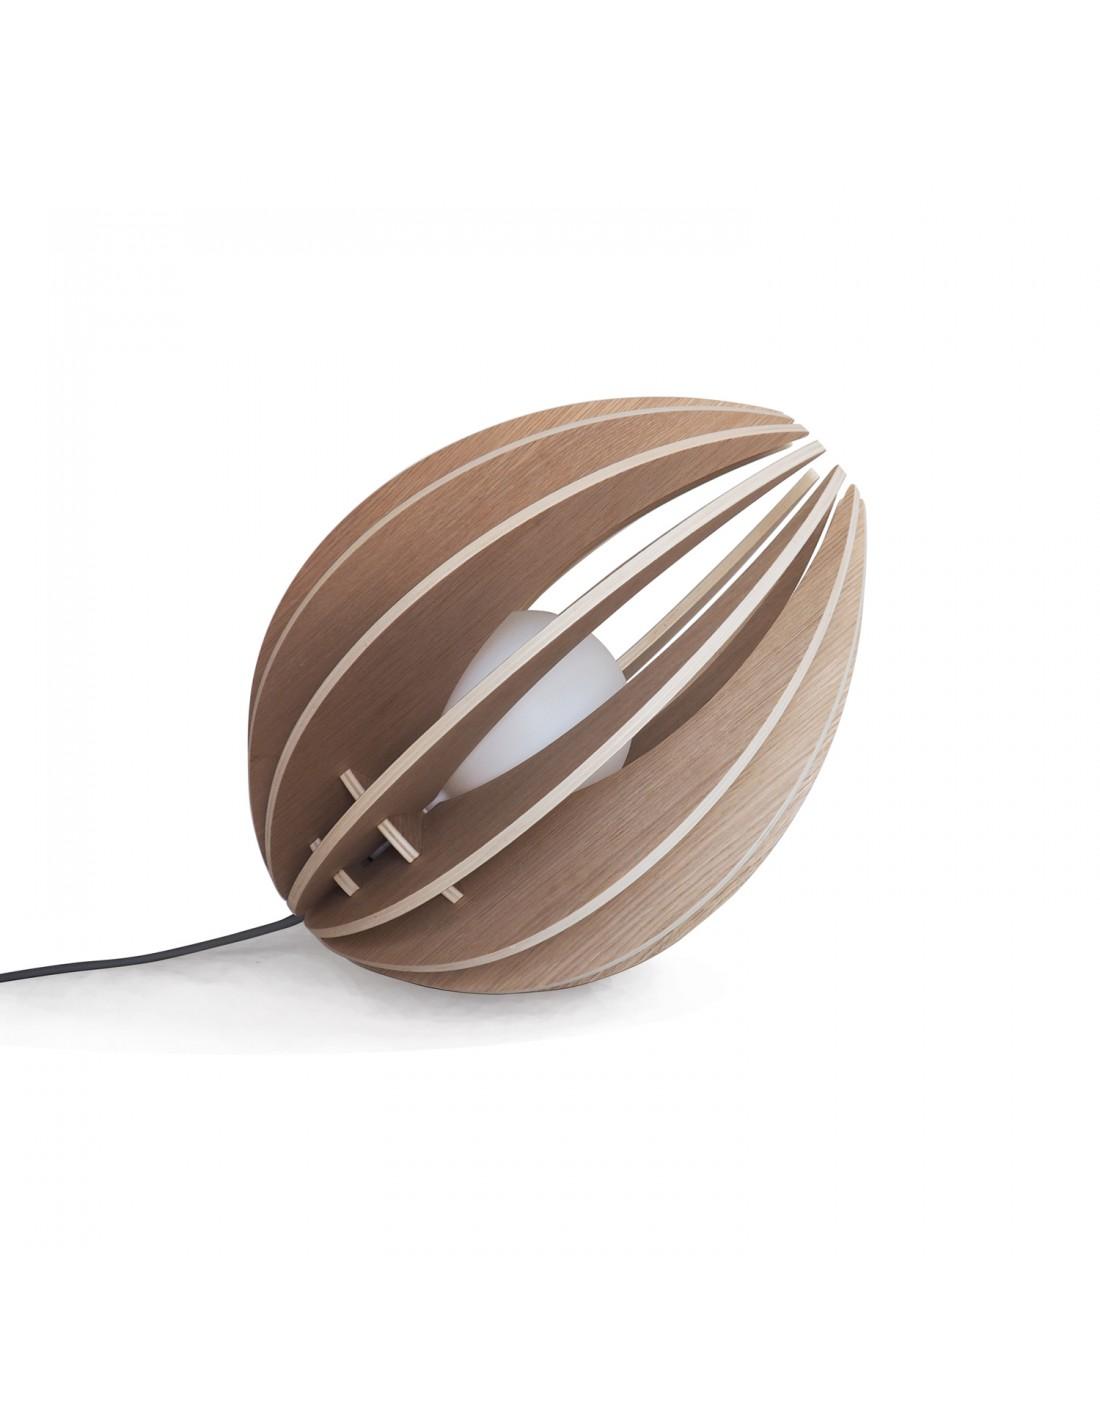 Lampe à poser en bois chêne naturel avec fil noir